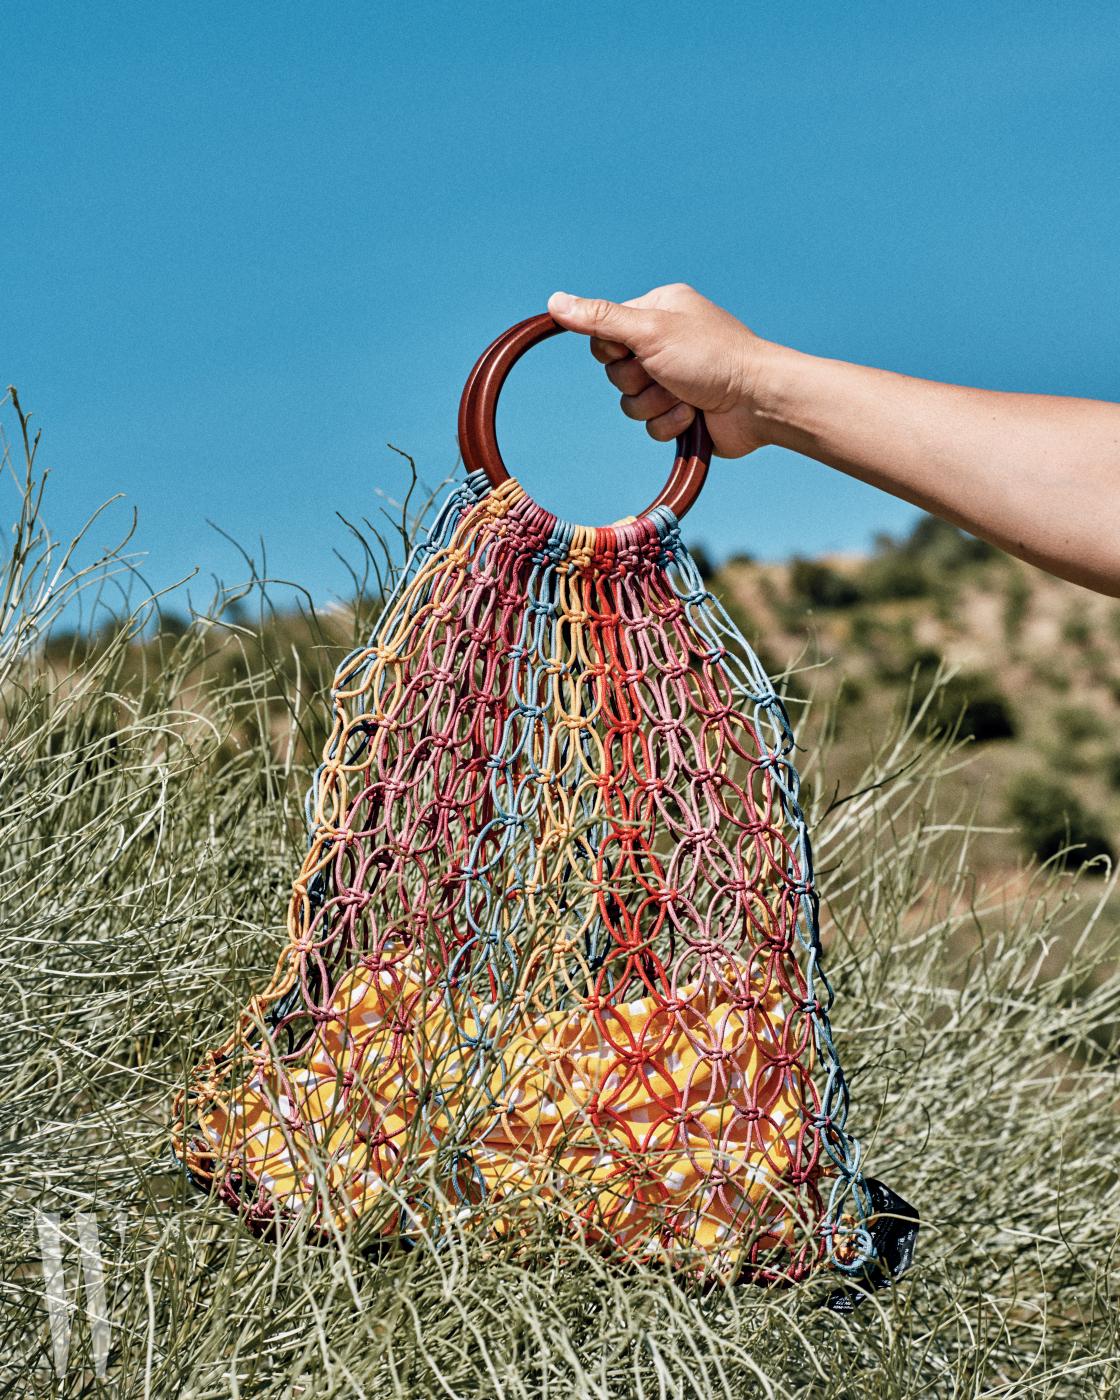 나무 손잡이의 그물 백은 자라 제품. 5만9천원.